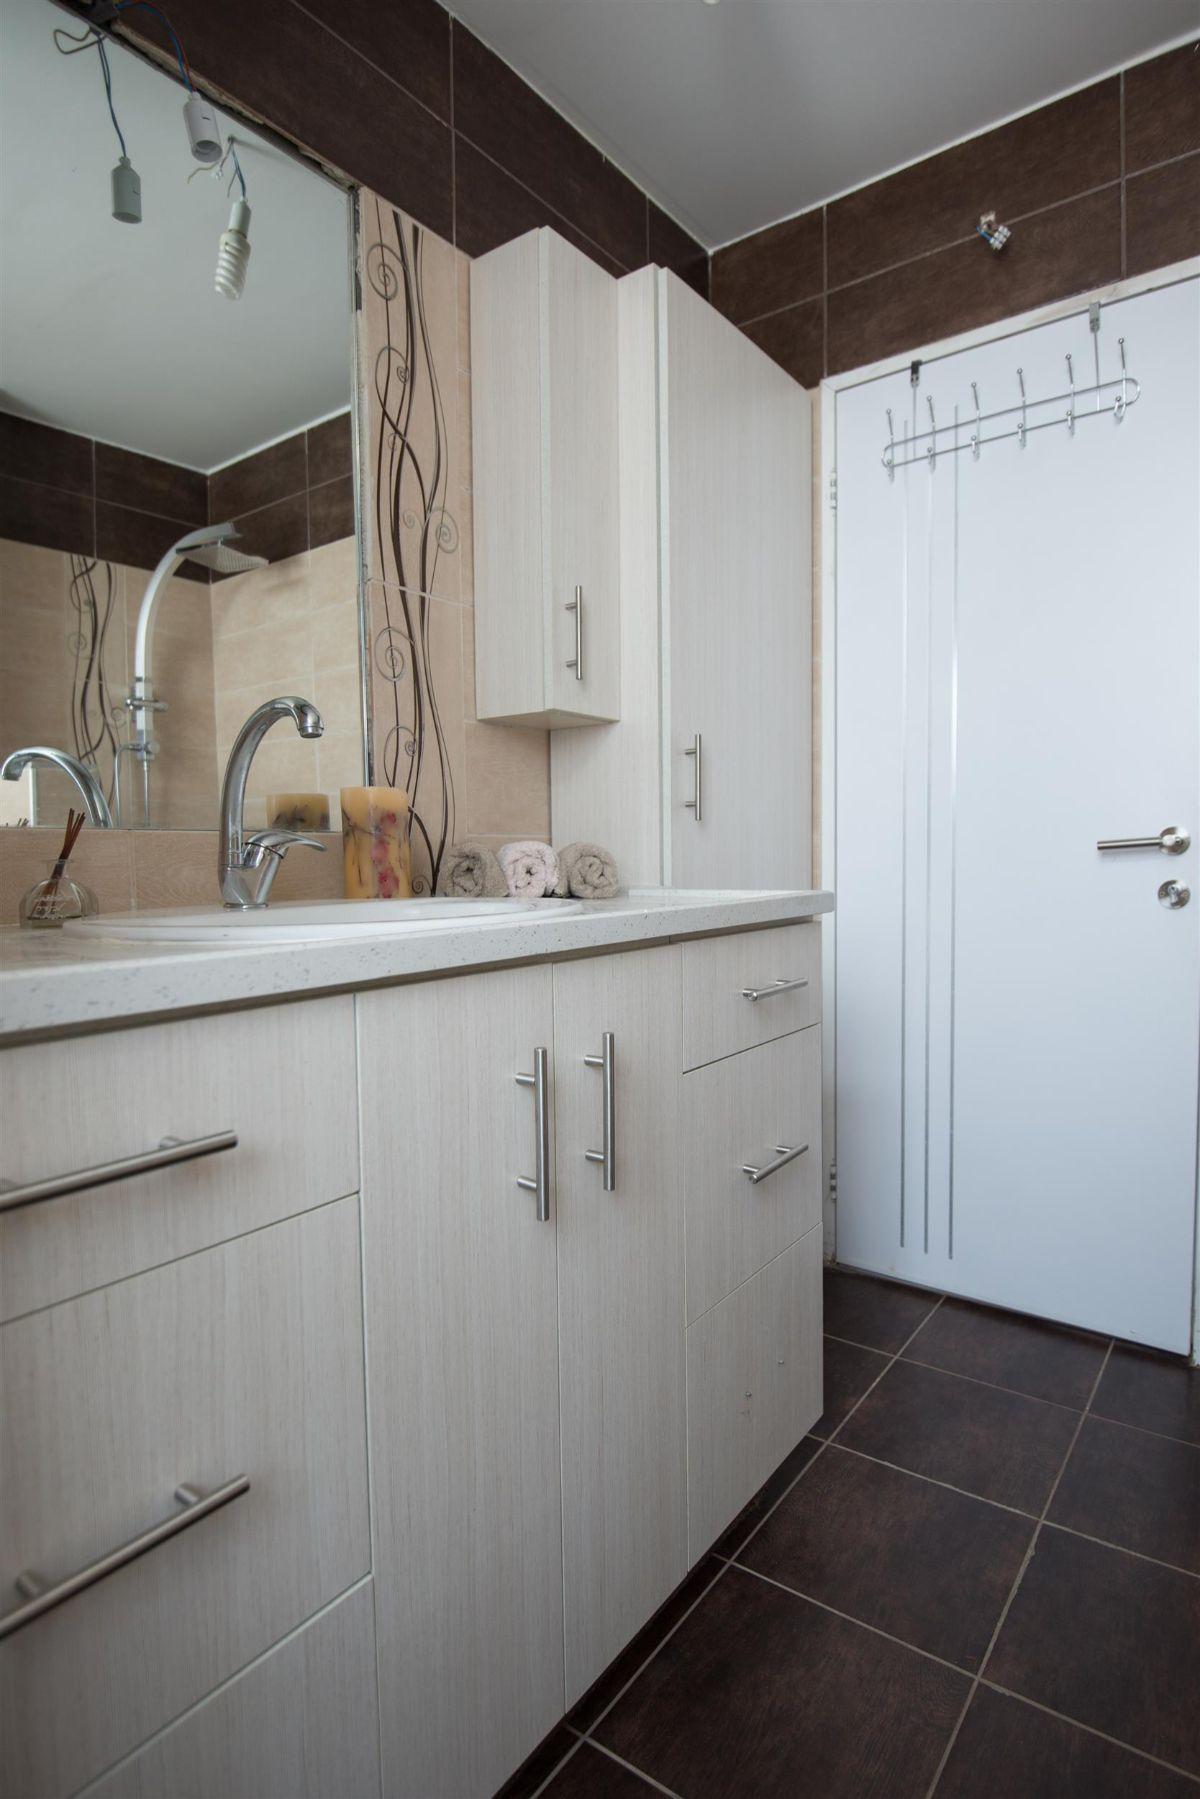 עיצוב פנים חדר אמבטיה | אדריכלות חדר אמבטיה - חדר אמבטיה